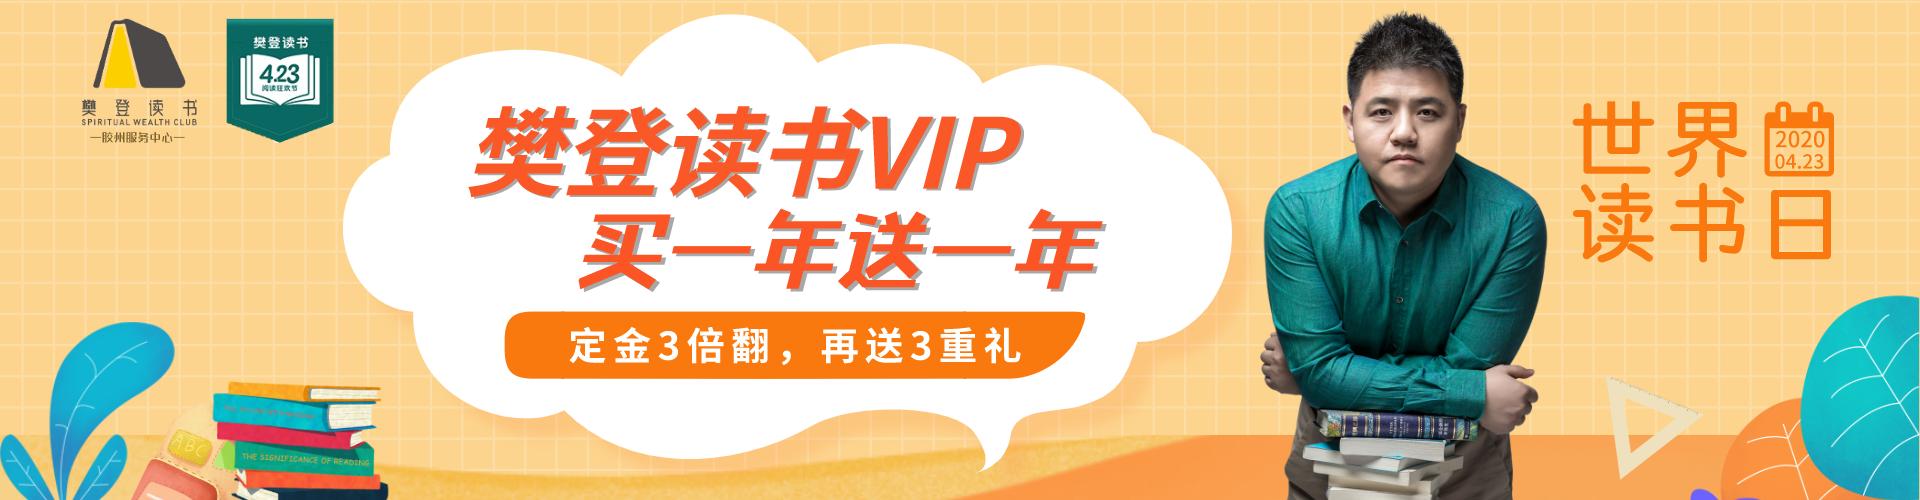 423世界读书日【樊登读书】VIP买一年送一年#定金3倍翻 再送3个大礼包#